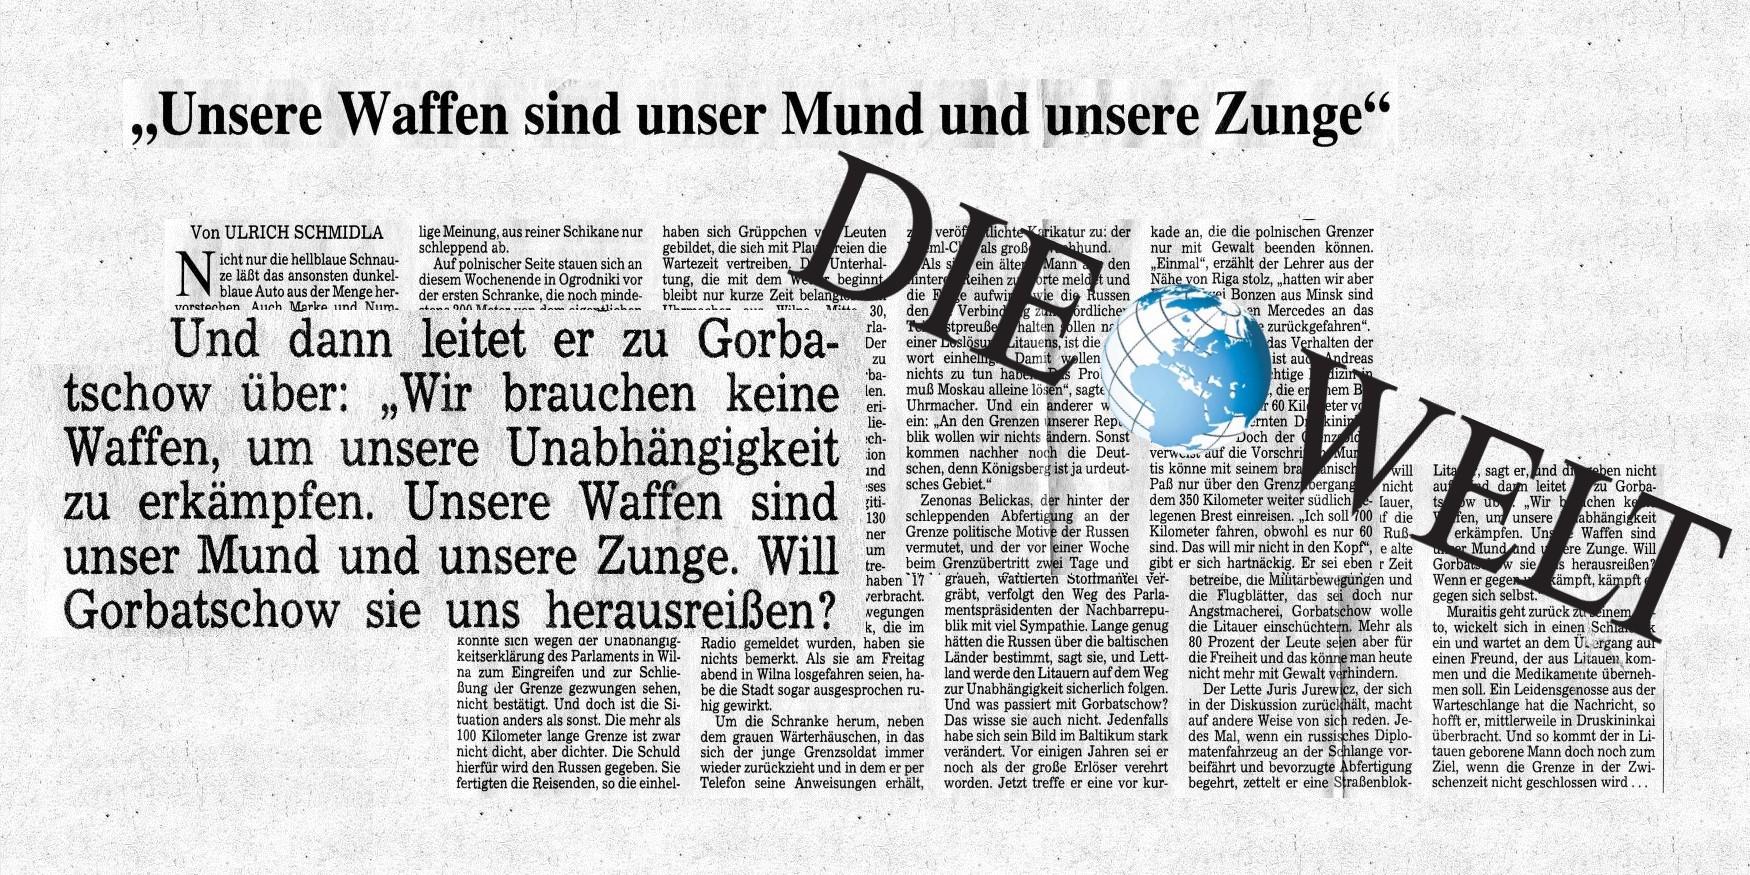 Die Welt_parodai.jpg